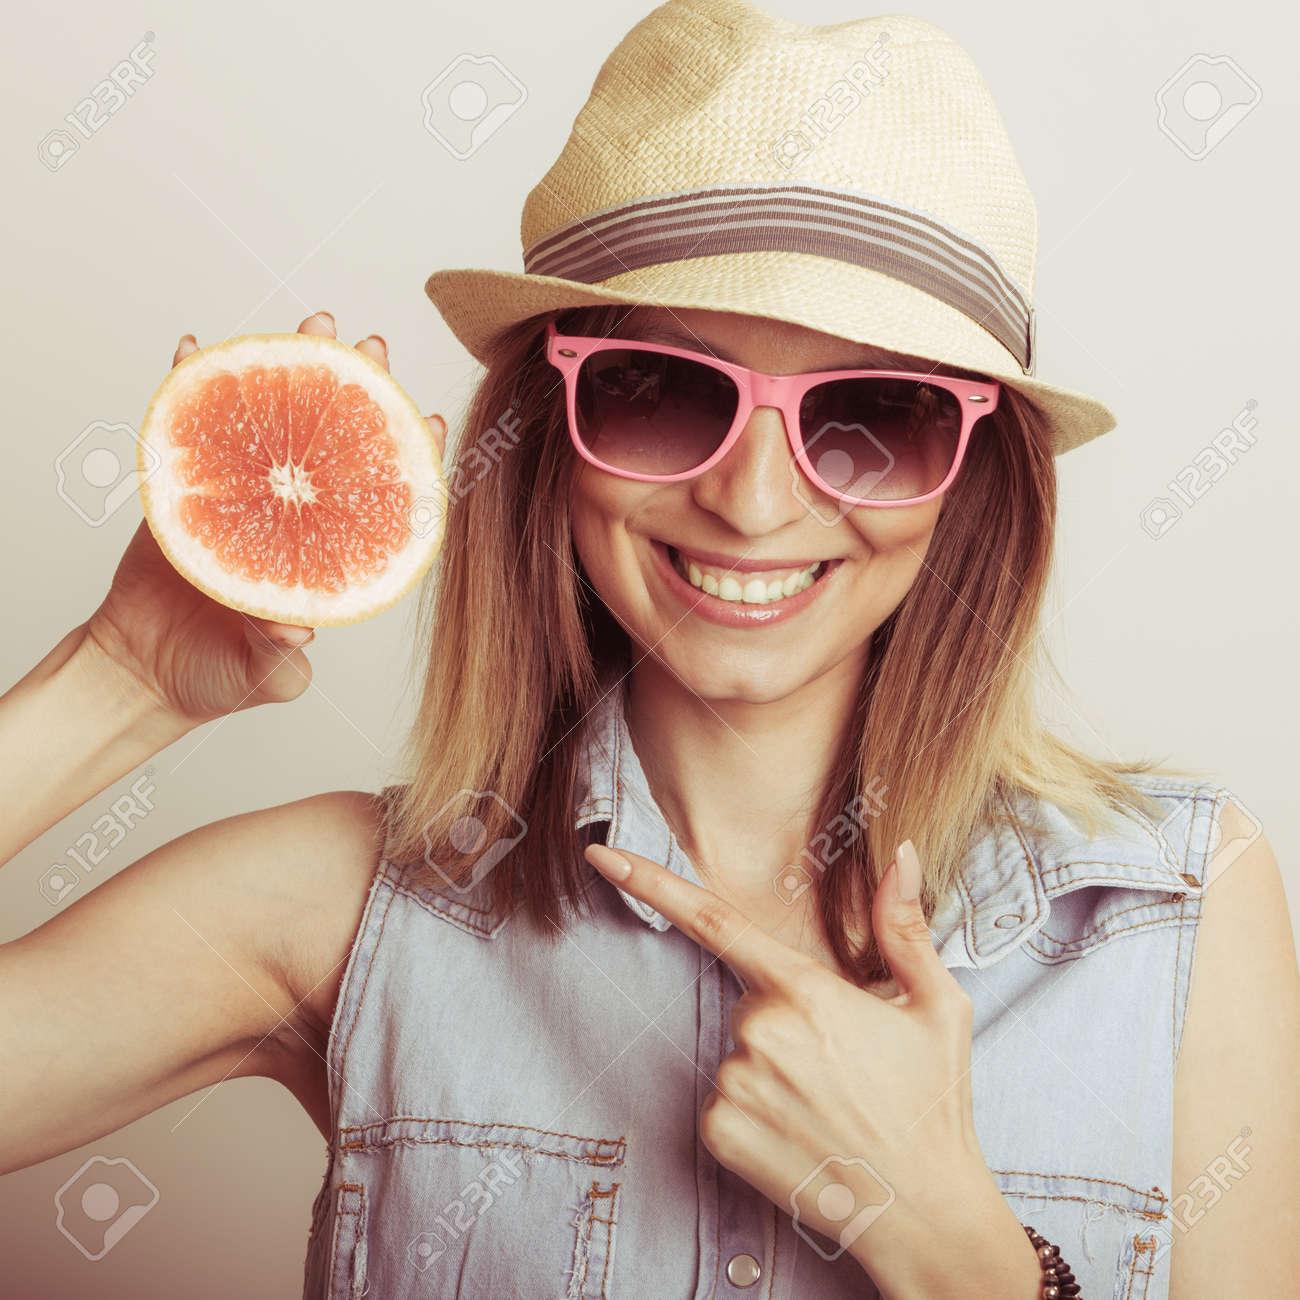 Feliz Gafas Contenta Y Mujer En Sombrero Cítricos Sol Señalan Con Que Saludable Paja Los Dieta De La PomeloAlimento Turística v7Ibf6yYg